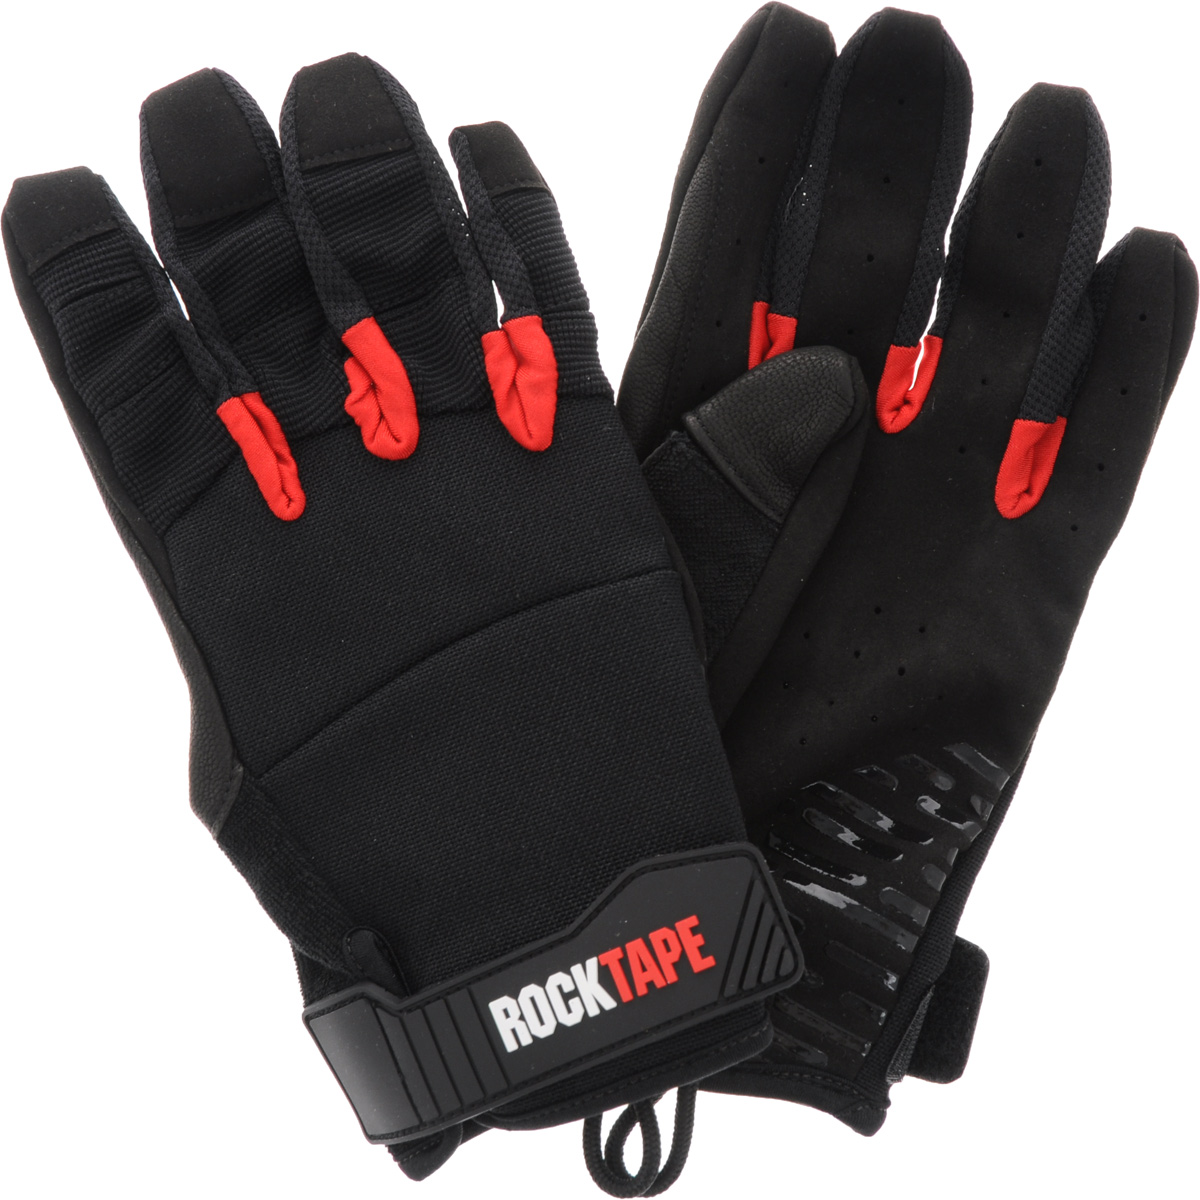 Перчатки Rocktape Talons, цвет: черный, красный. Размер M4872Rocktape Talons - это функциональные перчатки для спорта. Руль велосипеда, турник, штанга - за что бы вы ни взялись, перчатки обеспечат максимальную защиту и поддержку! Уверенный хват и больше никаких стертых рук, волдырей и мозолей!Особенности перчаток:Дружелюбны к сенсорным экранам.Без швов на ладонях.Силиконовая накладка false-grip поможет в выходах силой.Защита большого пальца при захвате штанги.Впитывают пот.Дышащий материал по боковым поверхностям пальцев.Удобные петли.Рассчитаны на работу с мелом.Обхват ладони ниже костяшки: 20 см.